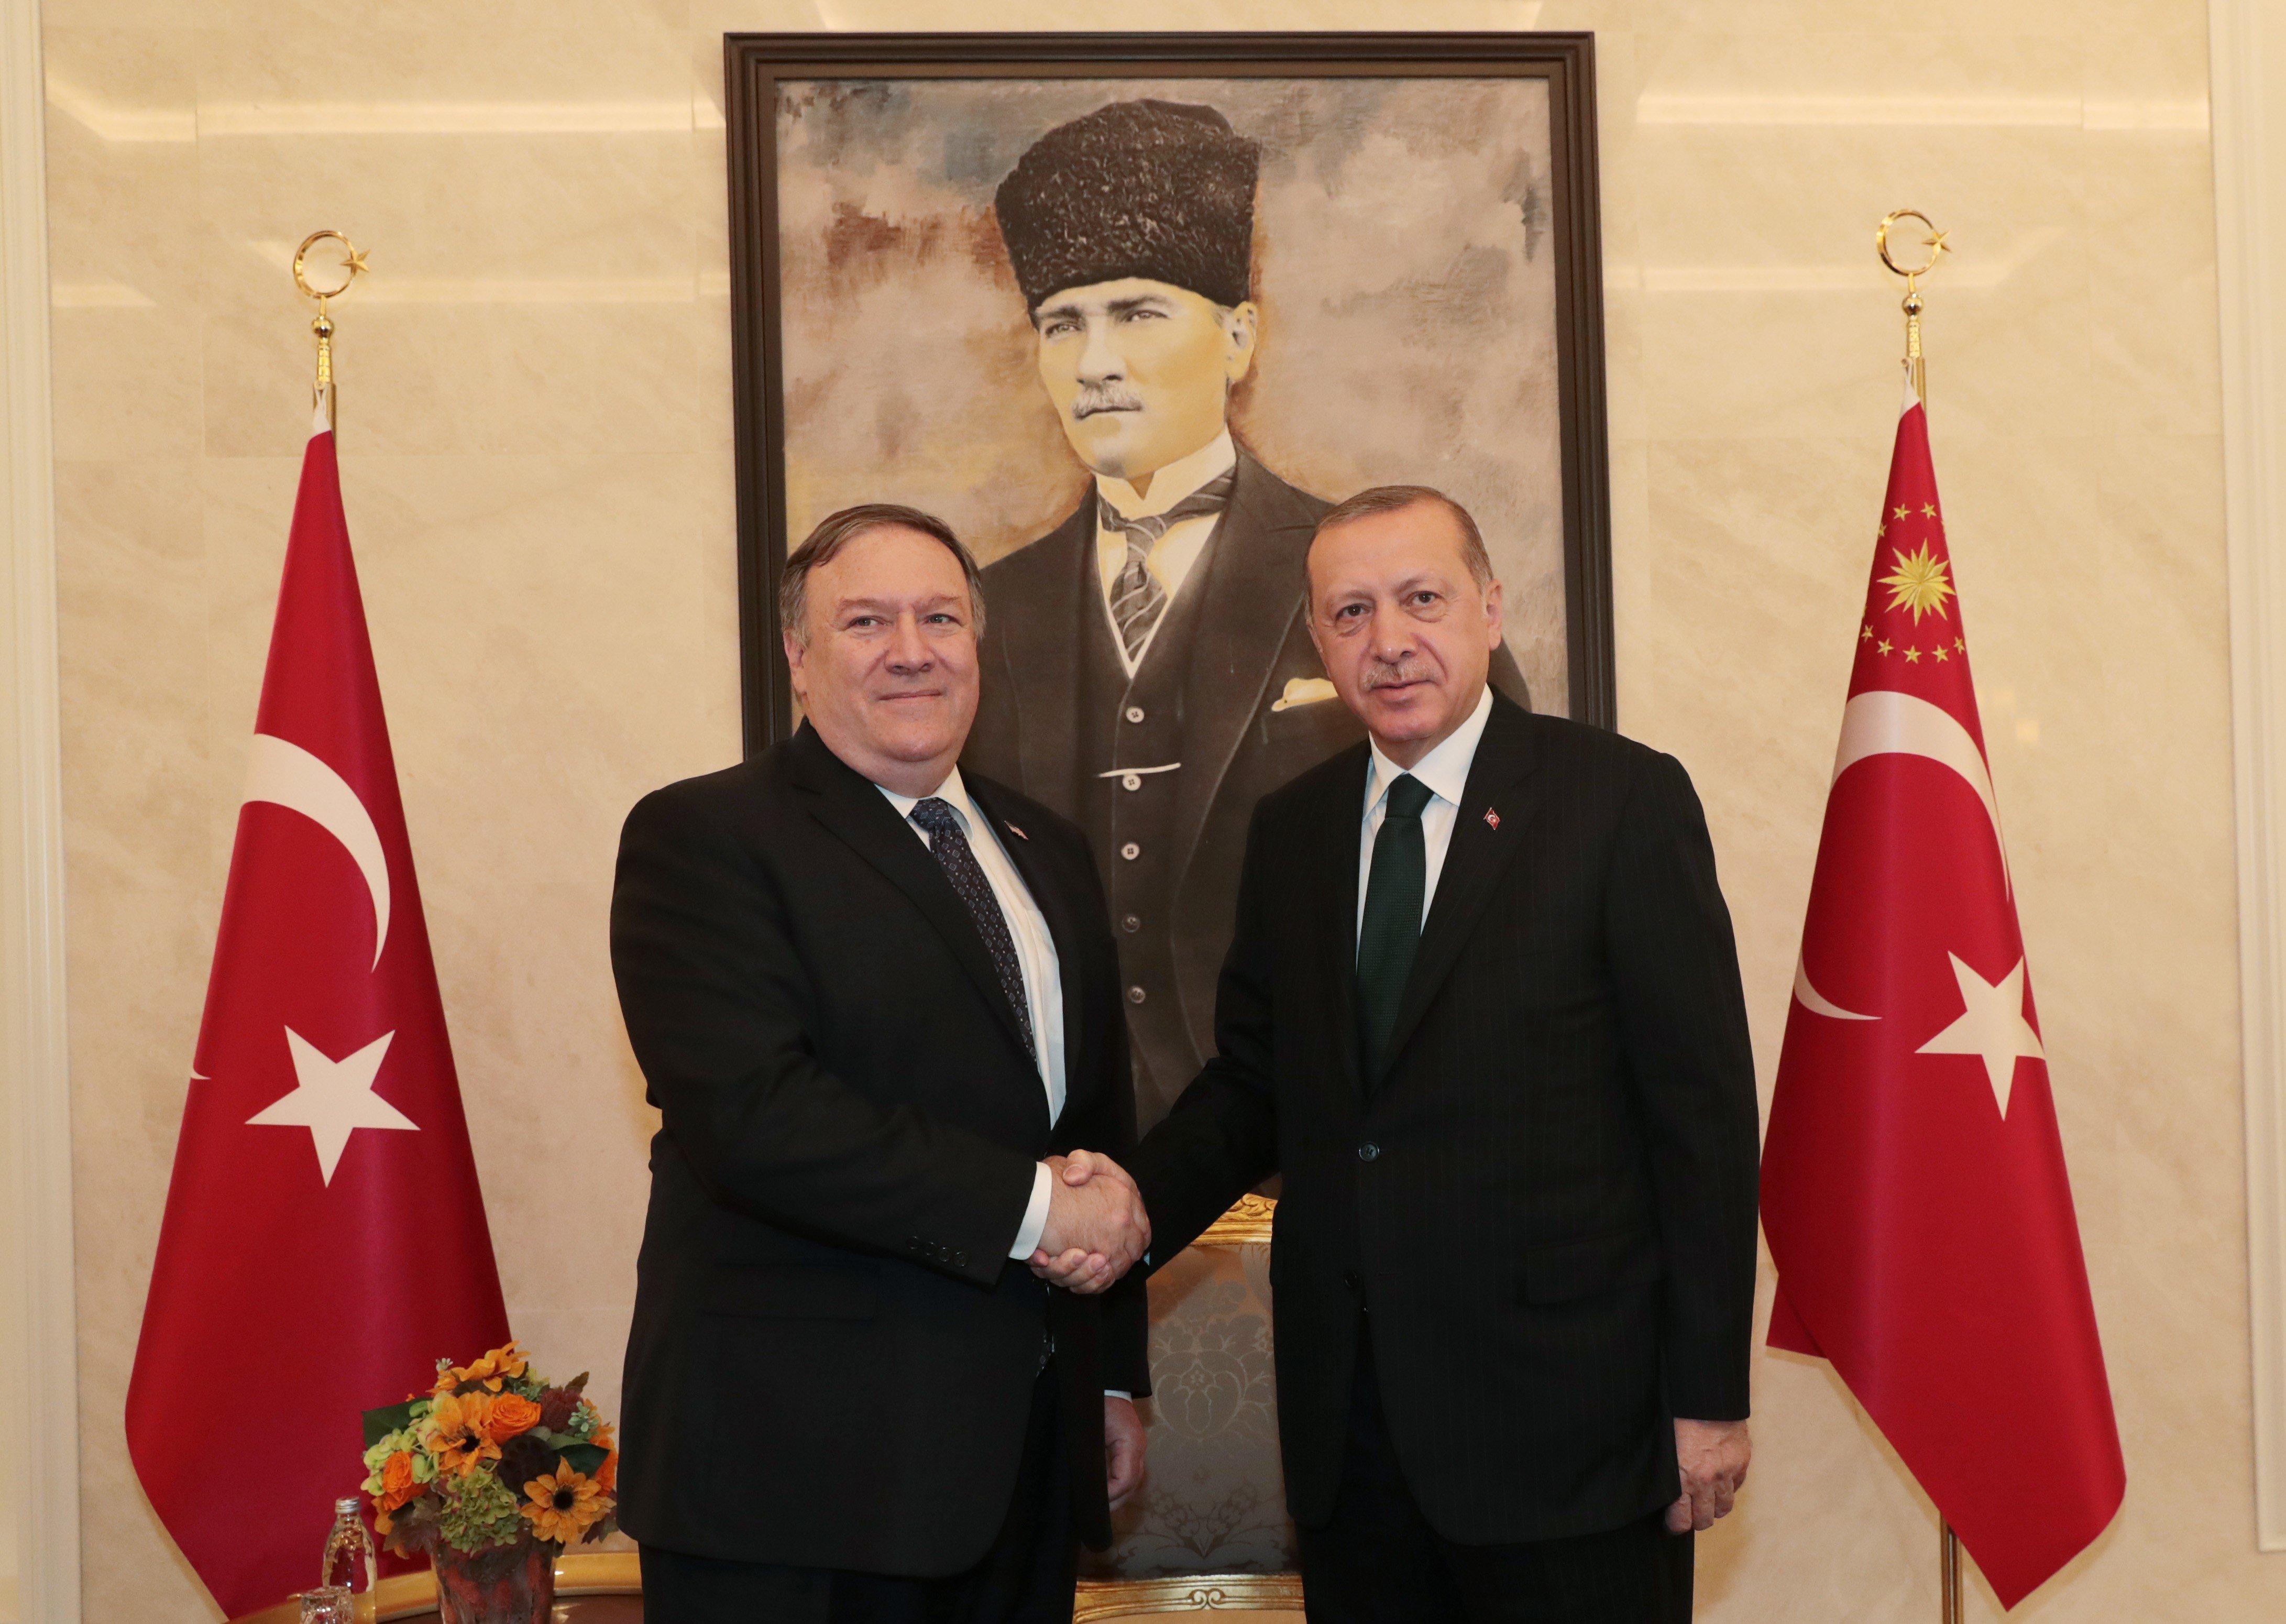 Αυστηρή προειδοποίηση Πομπέο σε Ερντογάν για τις σχέσεις